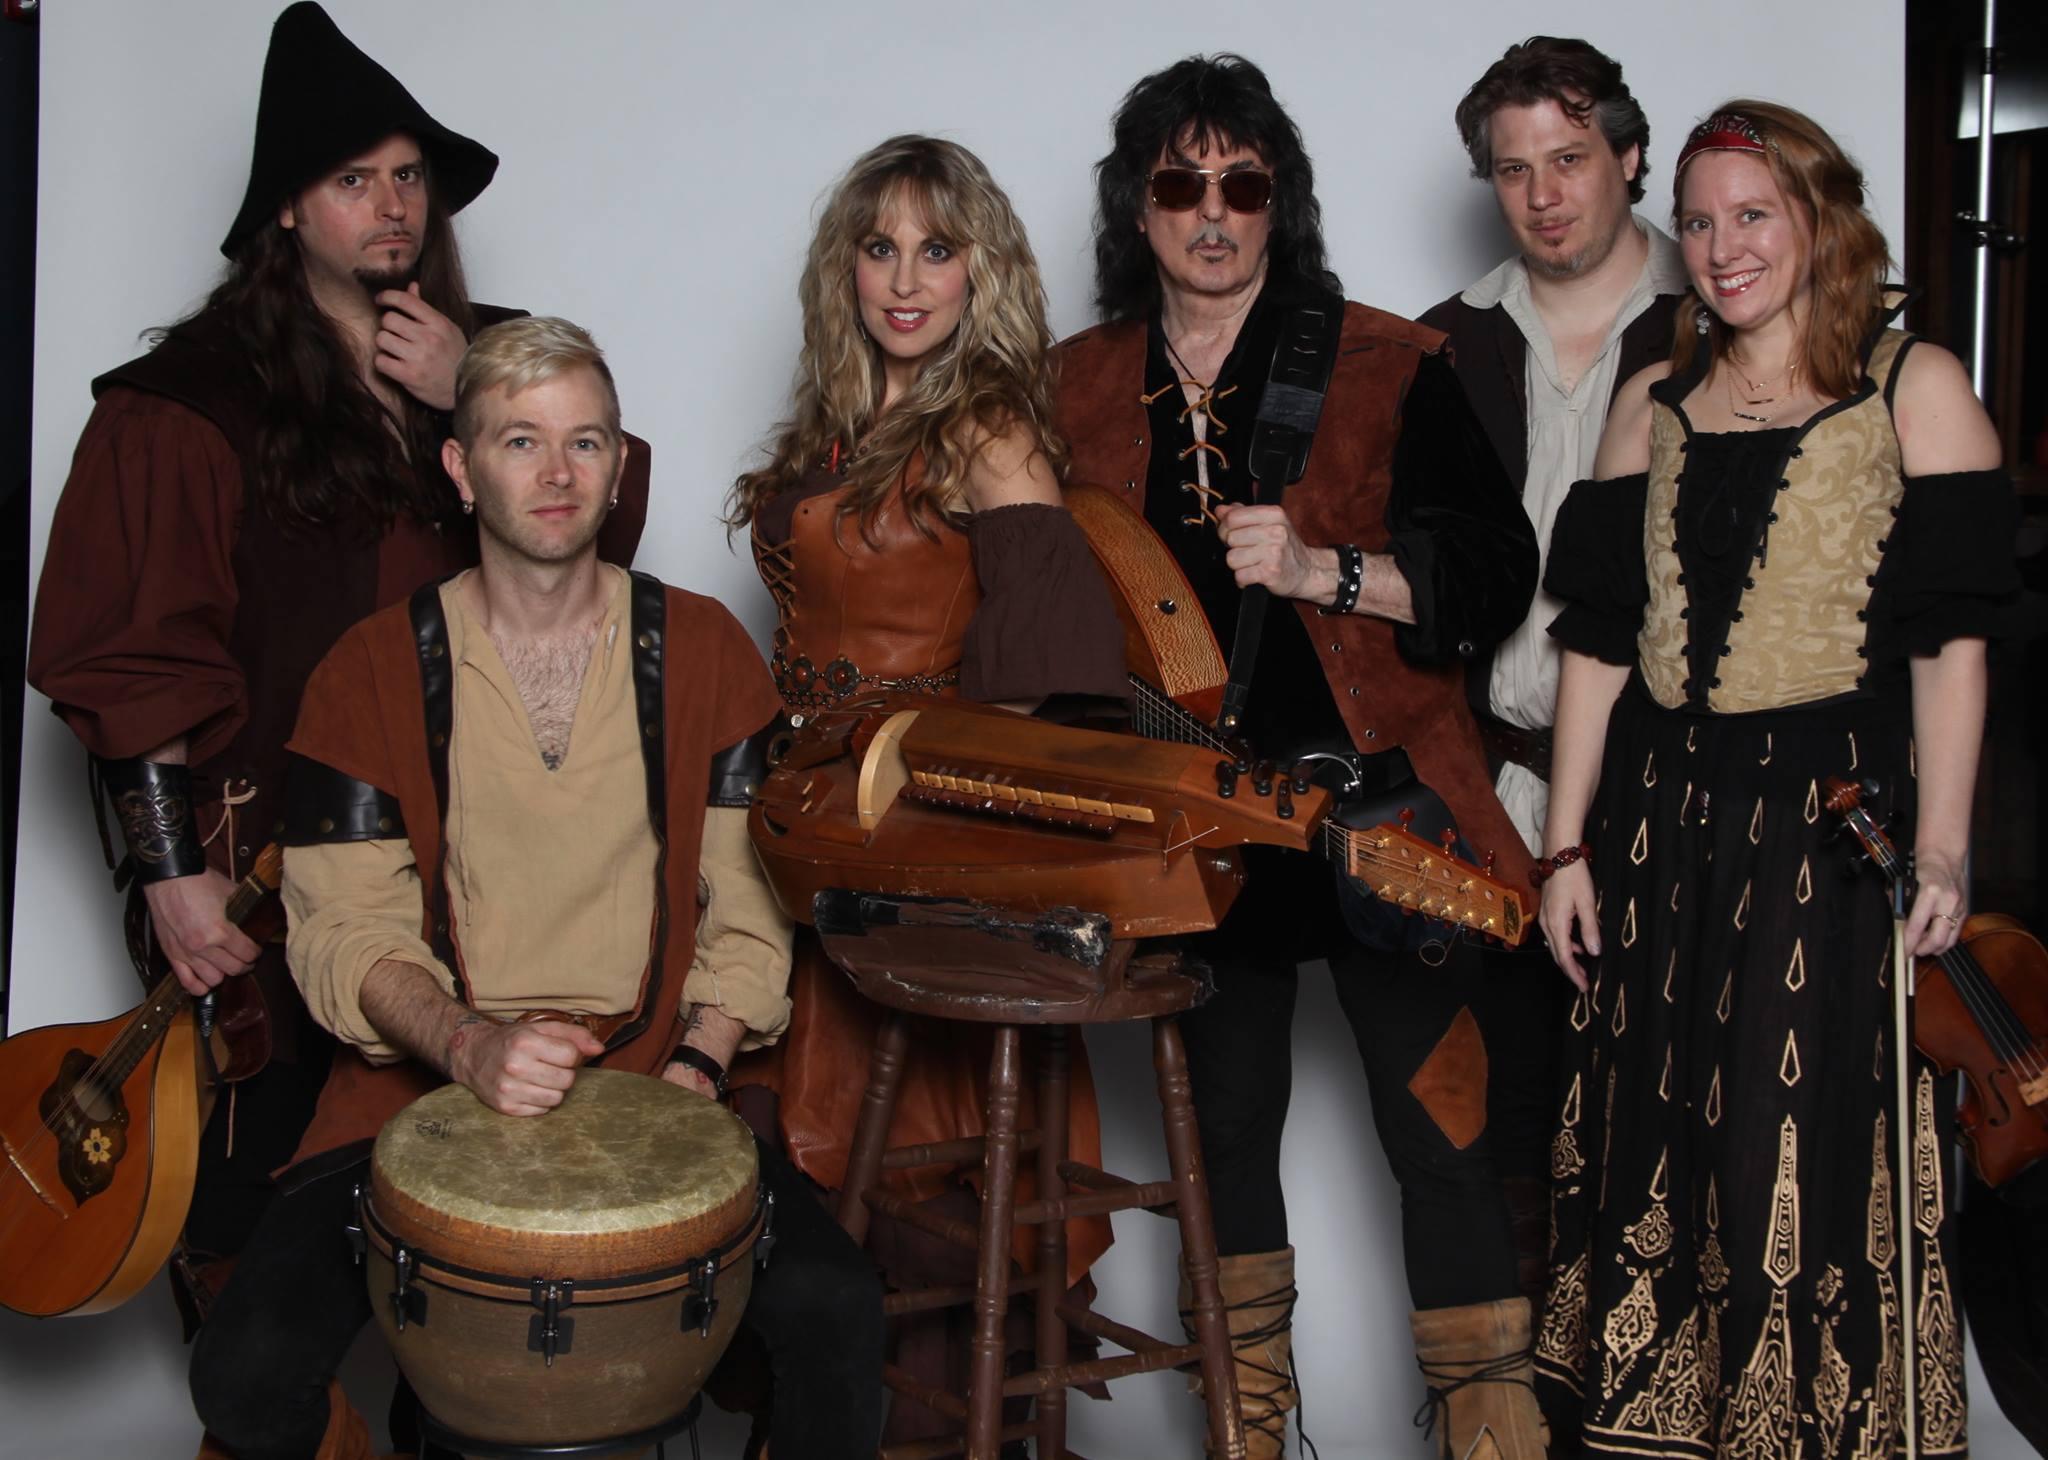 """Blackmore's Nightin uusi """"Will O' The Wisp"""" -kappale julkaistiin musiikkivideon kanssa"""